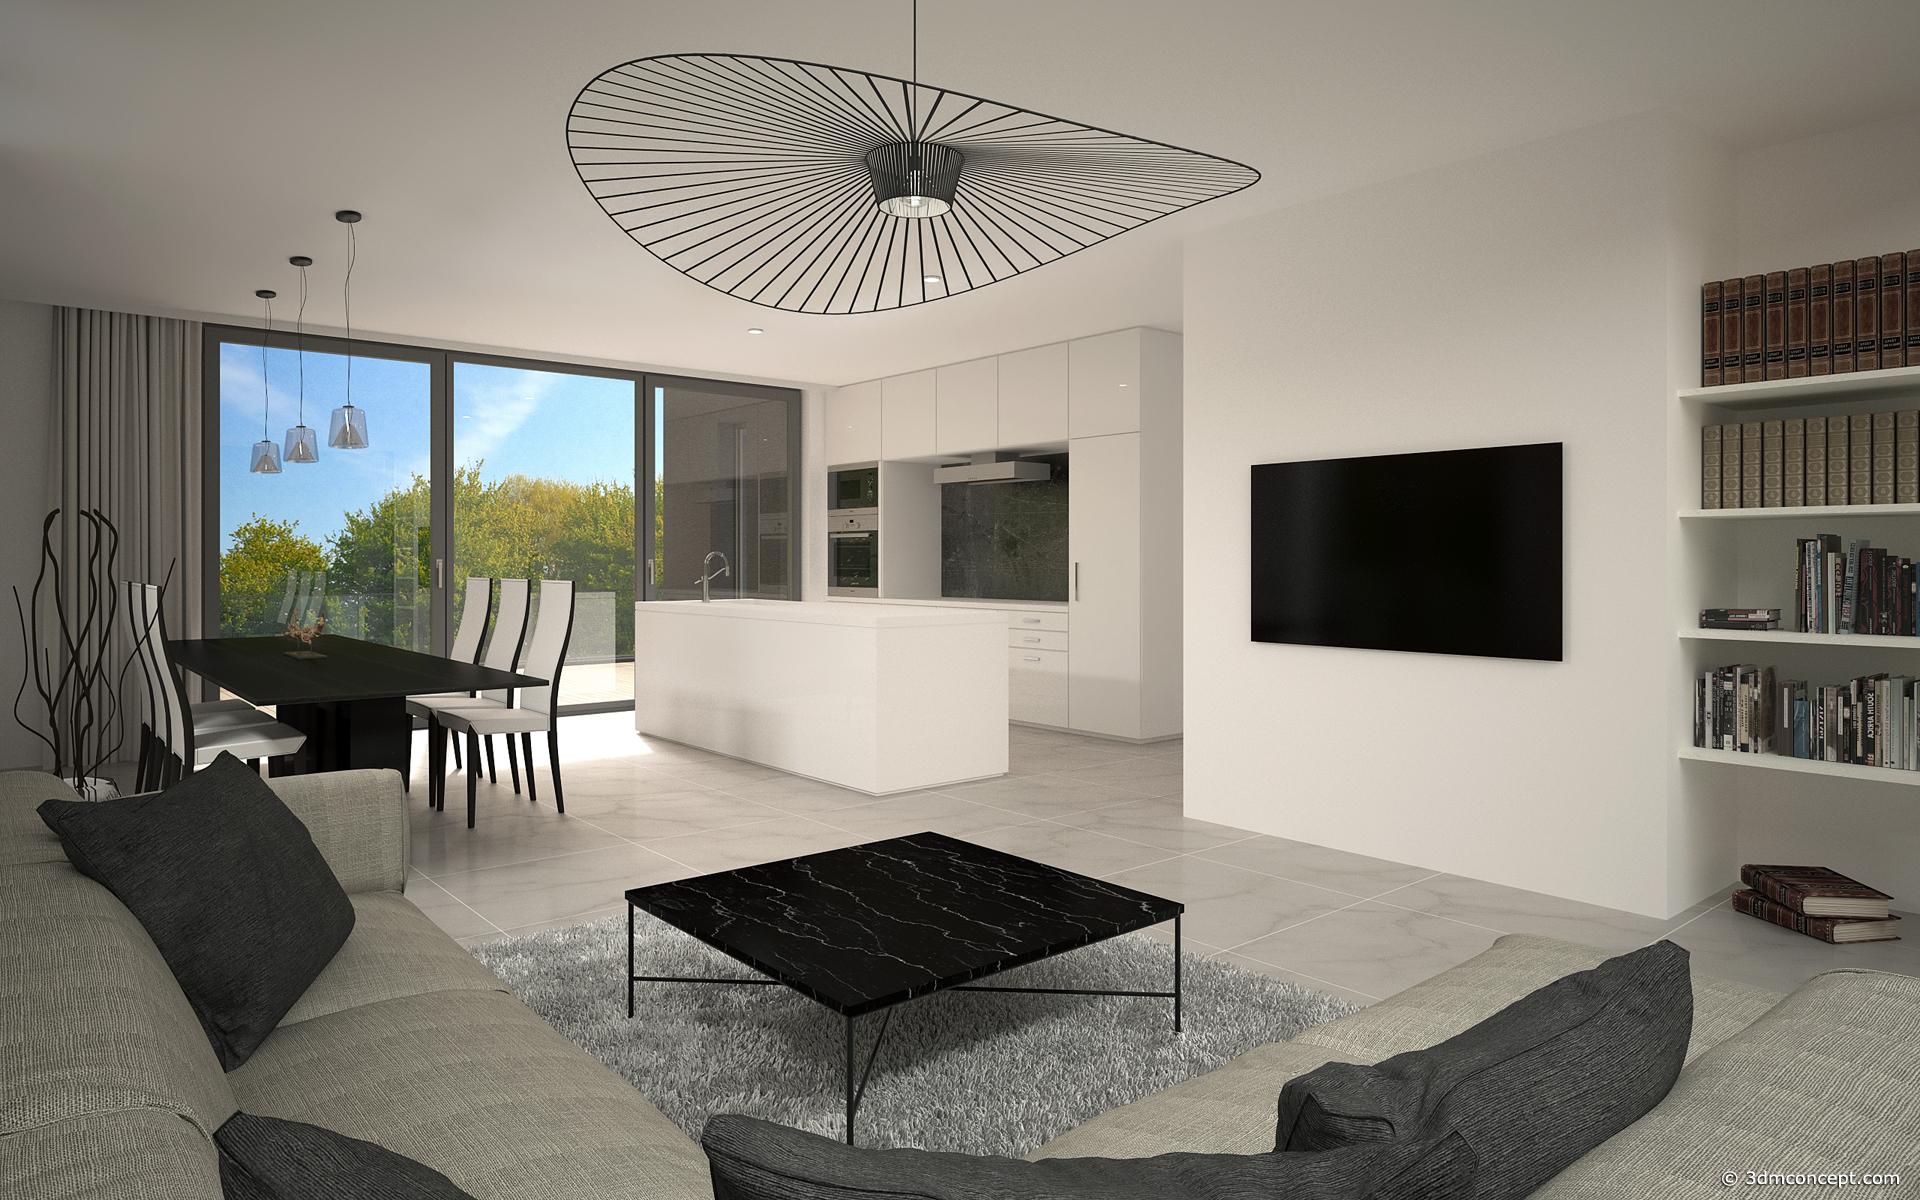 3dmconcept - Visualisation Interieur